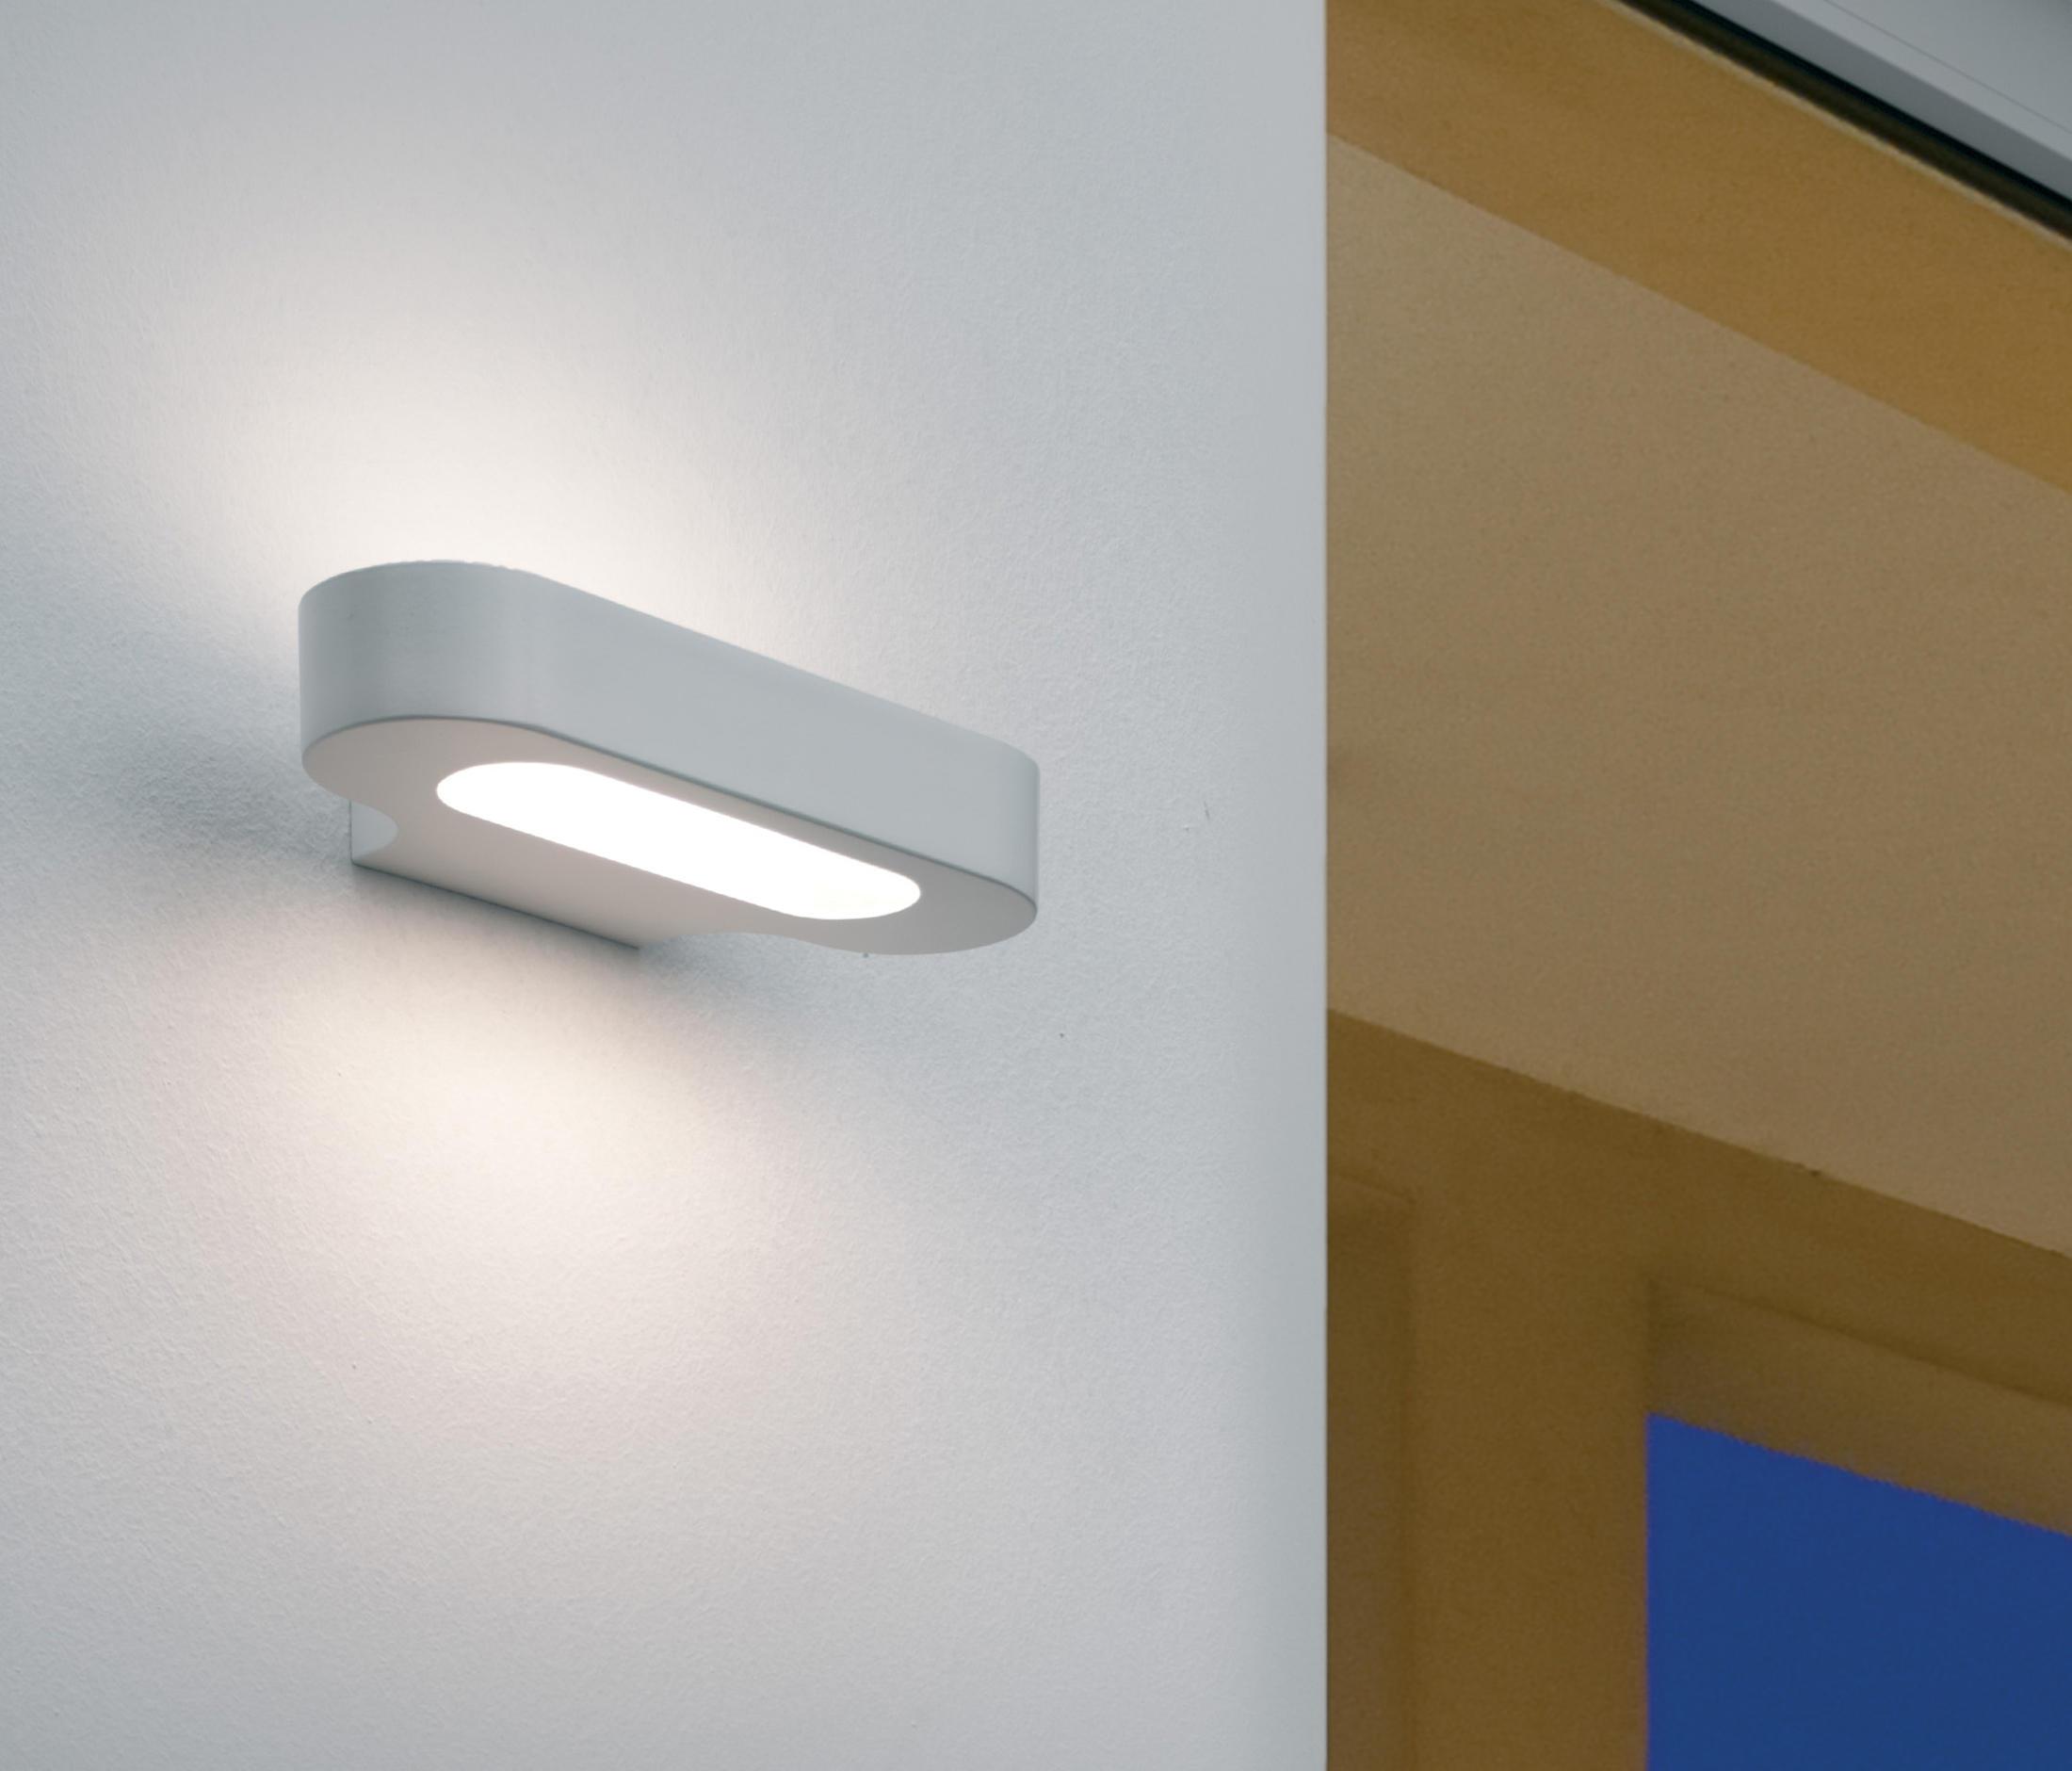 TALO 60 LED PARETE - Illuminazione generale Artemide | Architonic